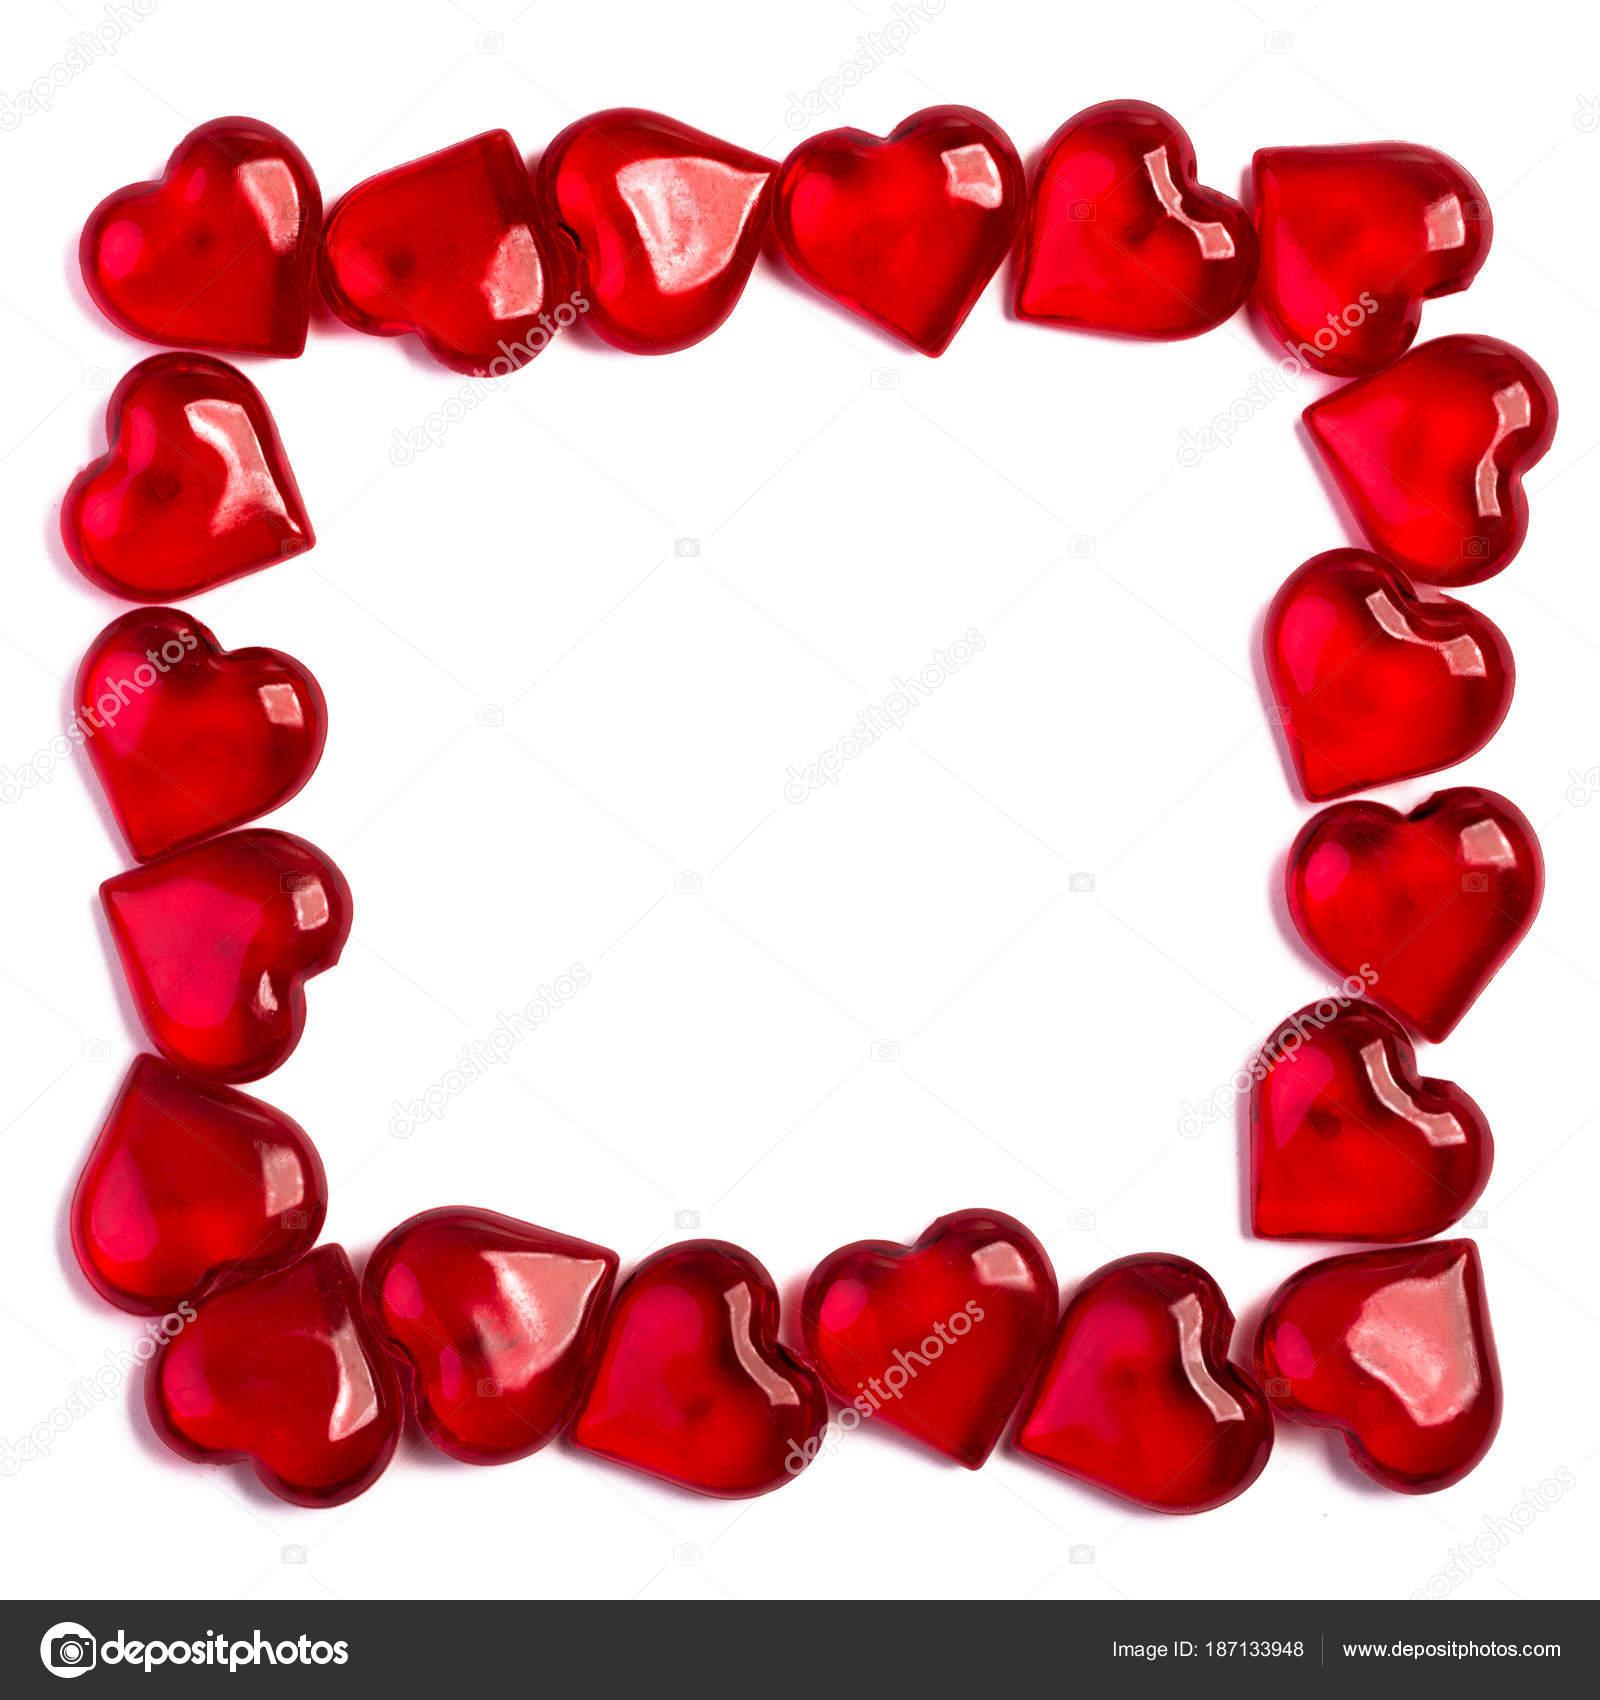 marco de cristal corazón — Fotos de Stock © lesuhova #187133948